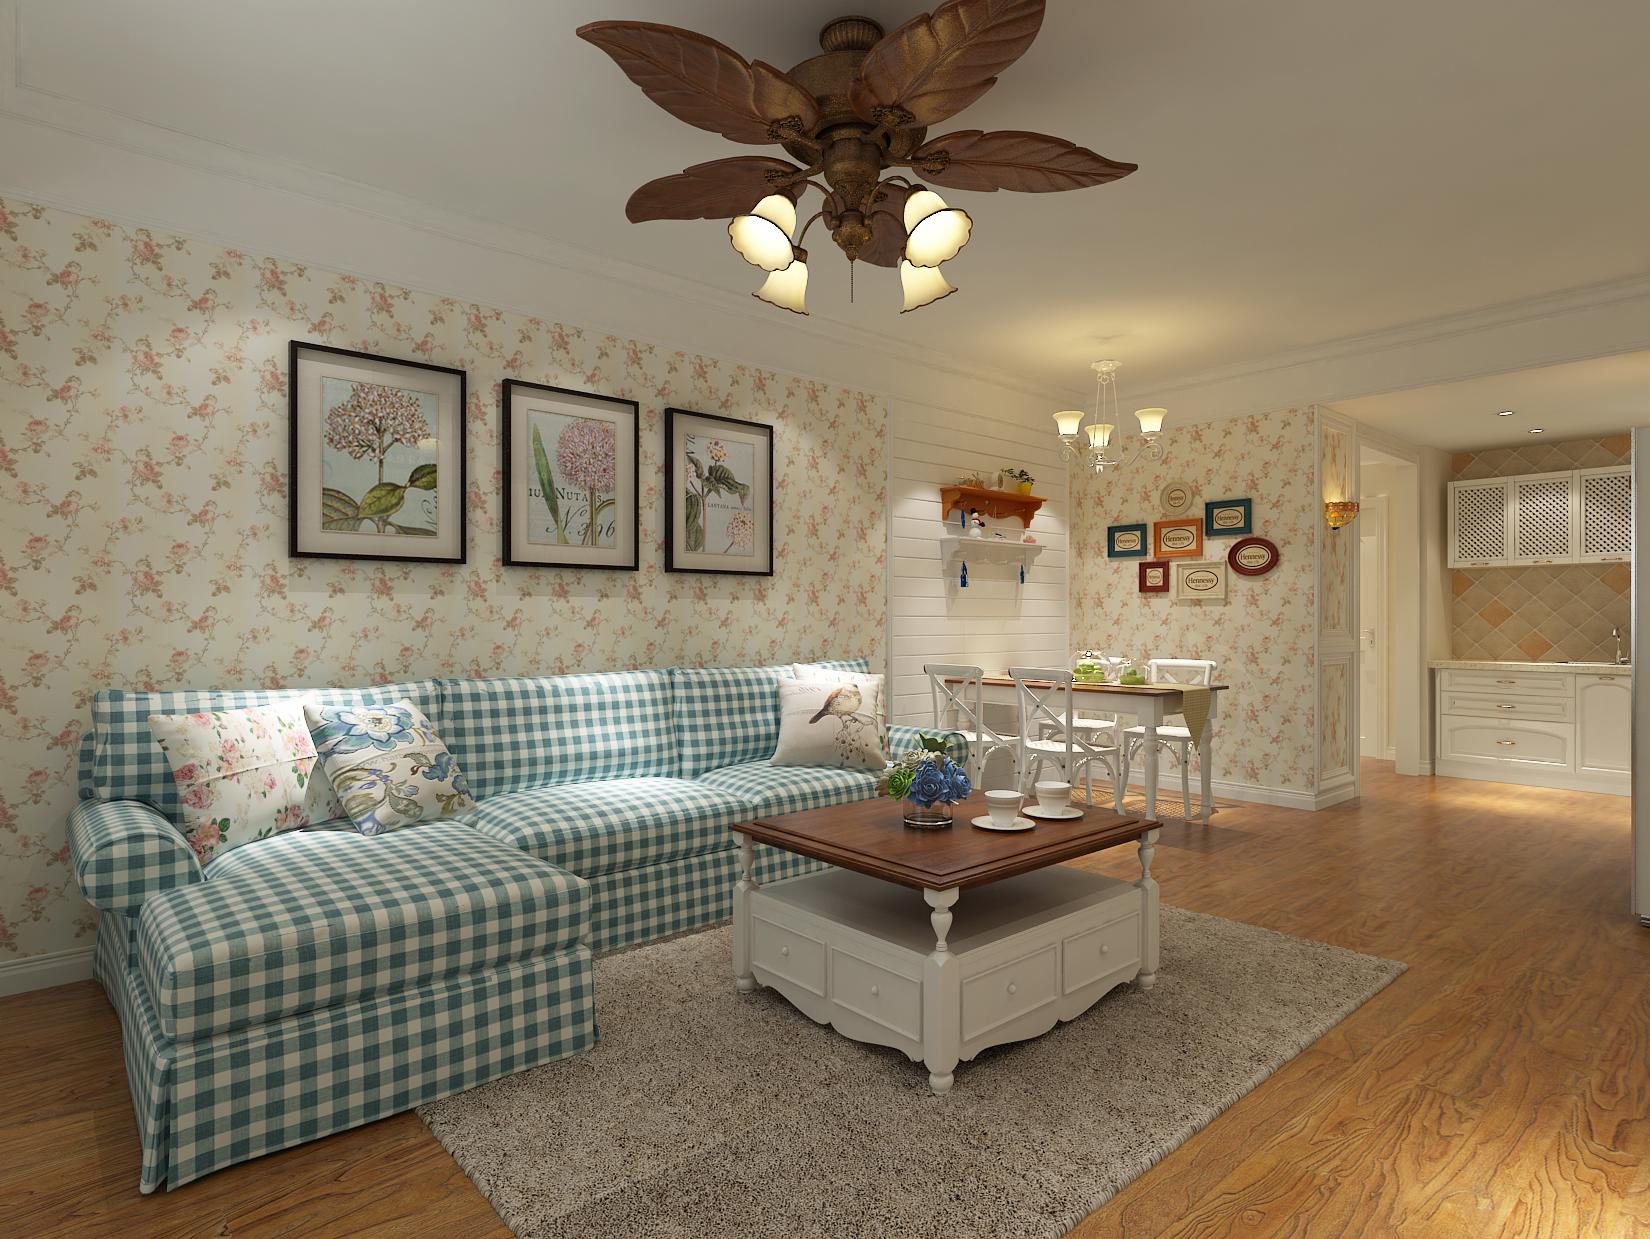 装修设计师 装修设计 装修公司 威廉装饰 客厅图片来自青岛威廉装饰在鸿泰锦园的分享